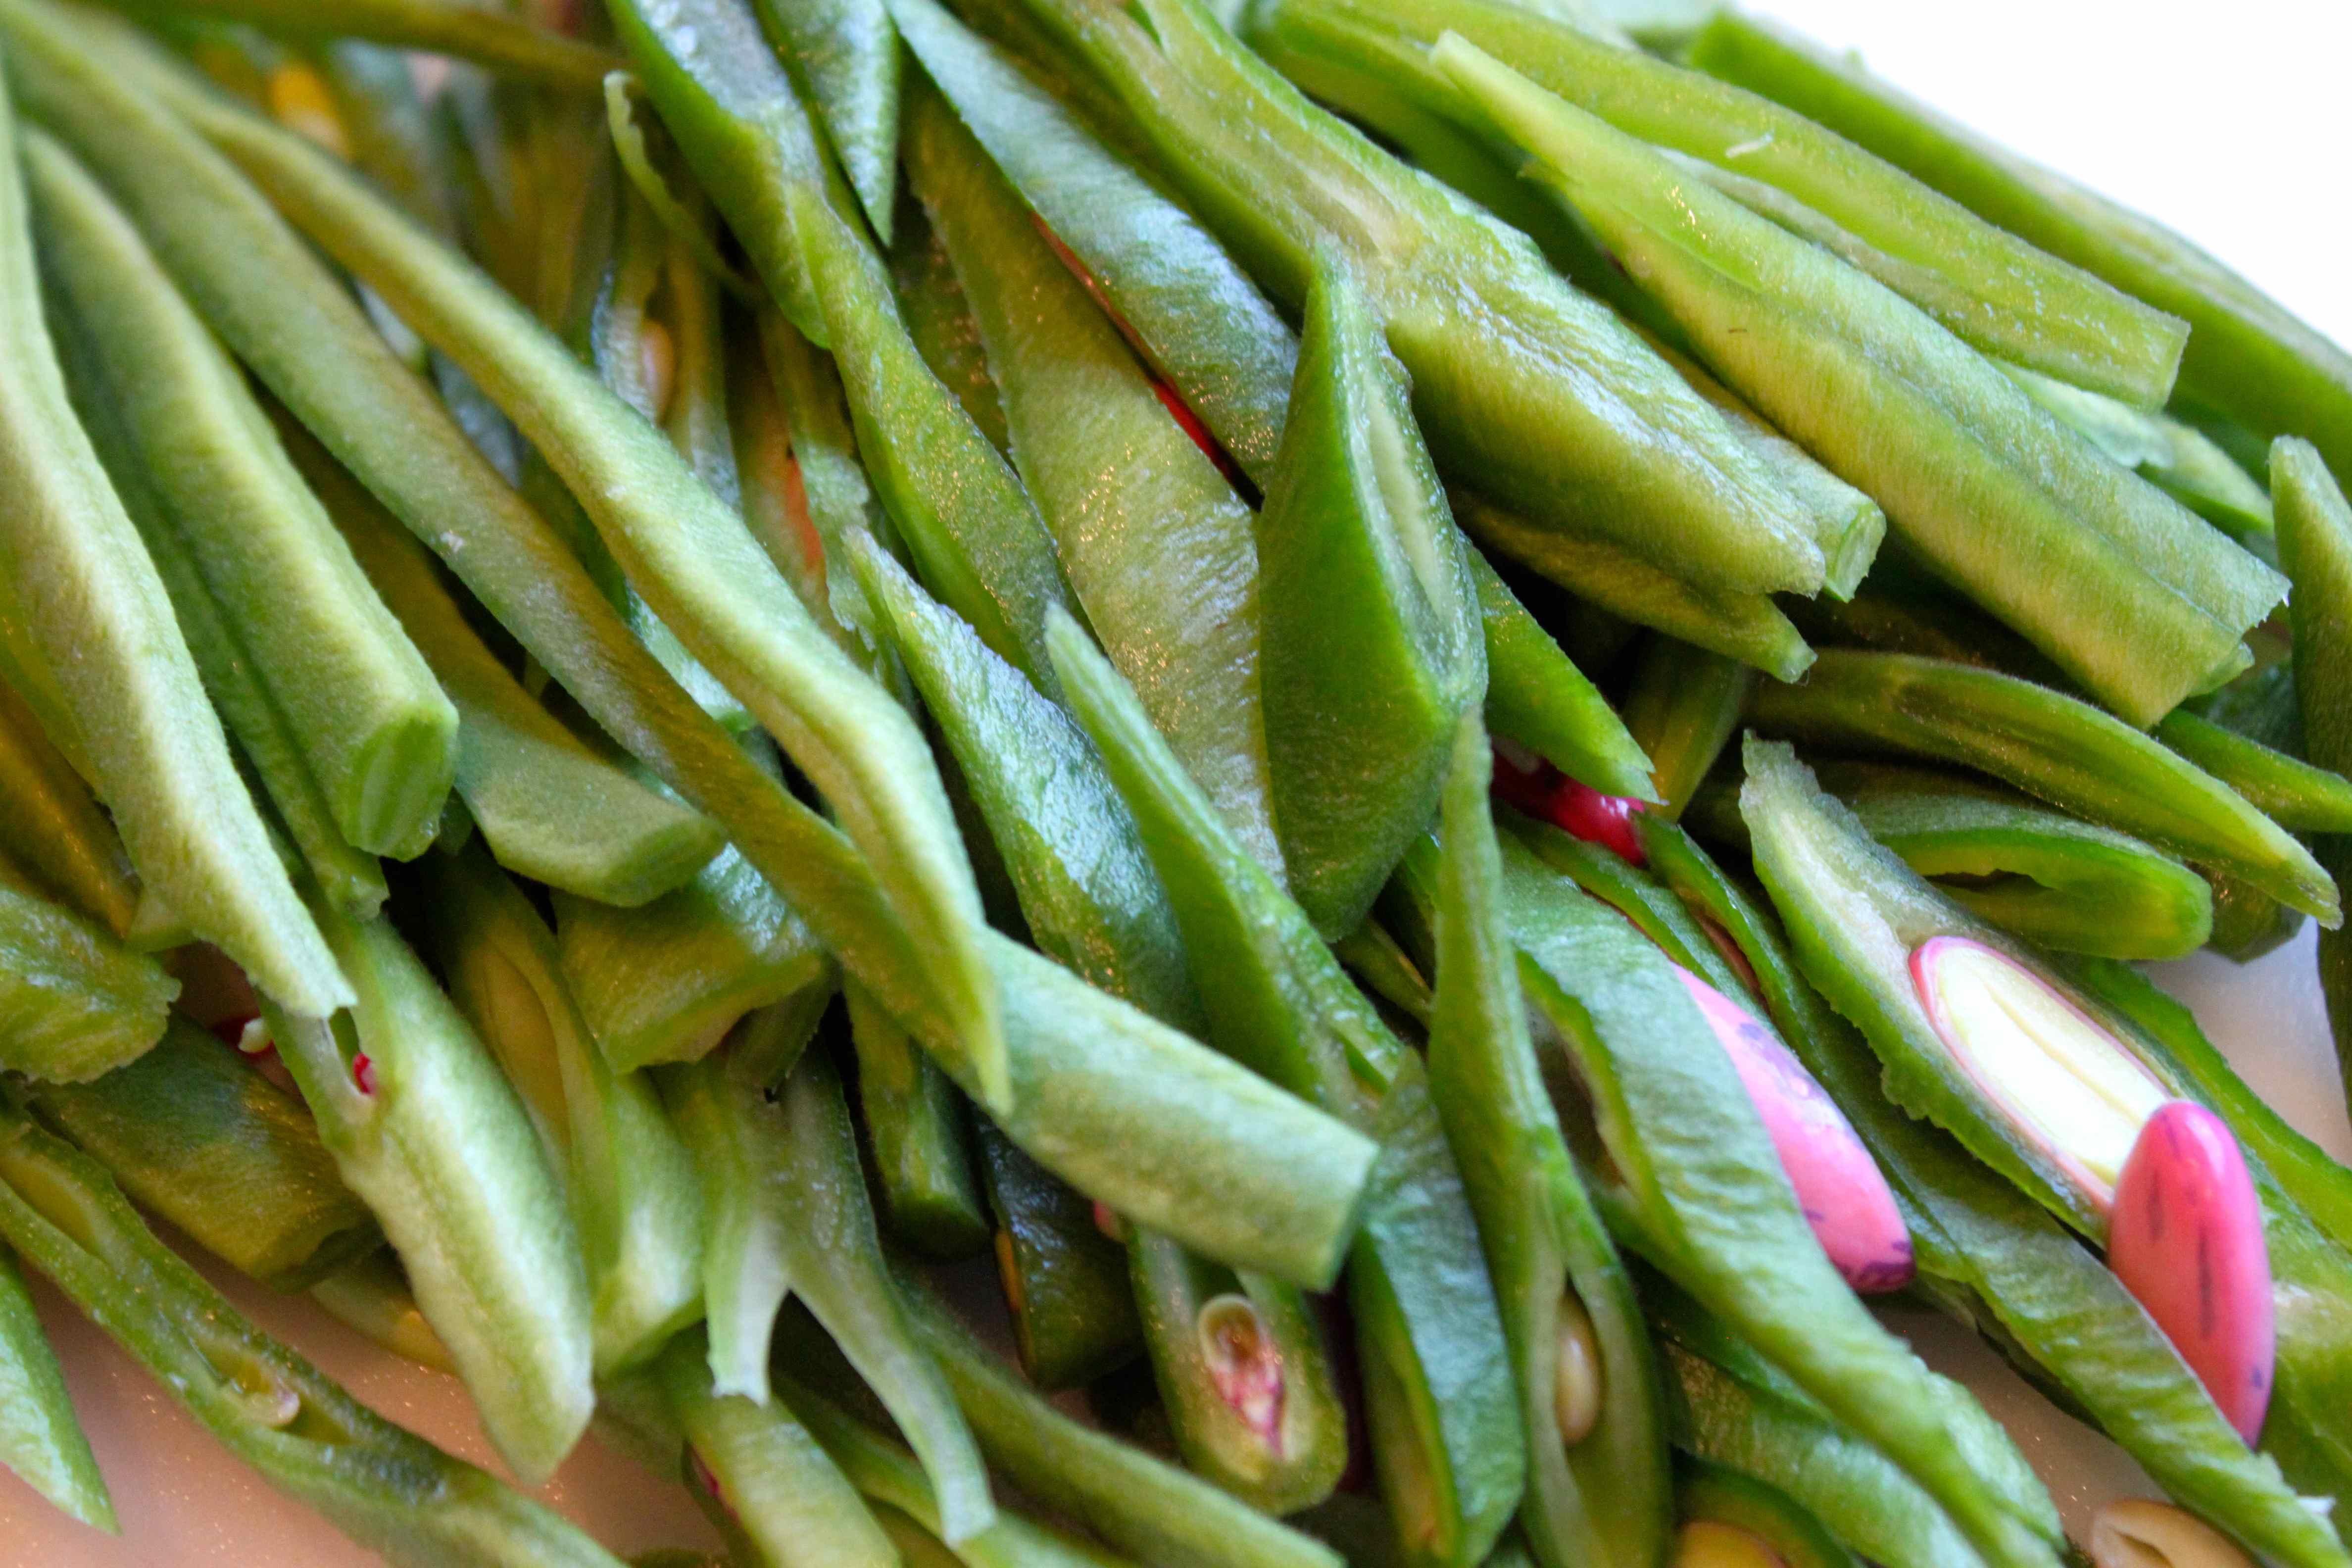 How to Pick Runner Beans